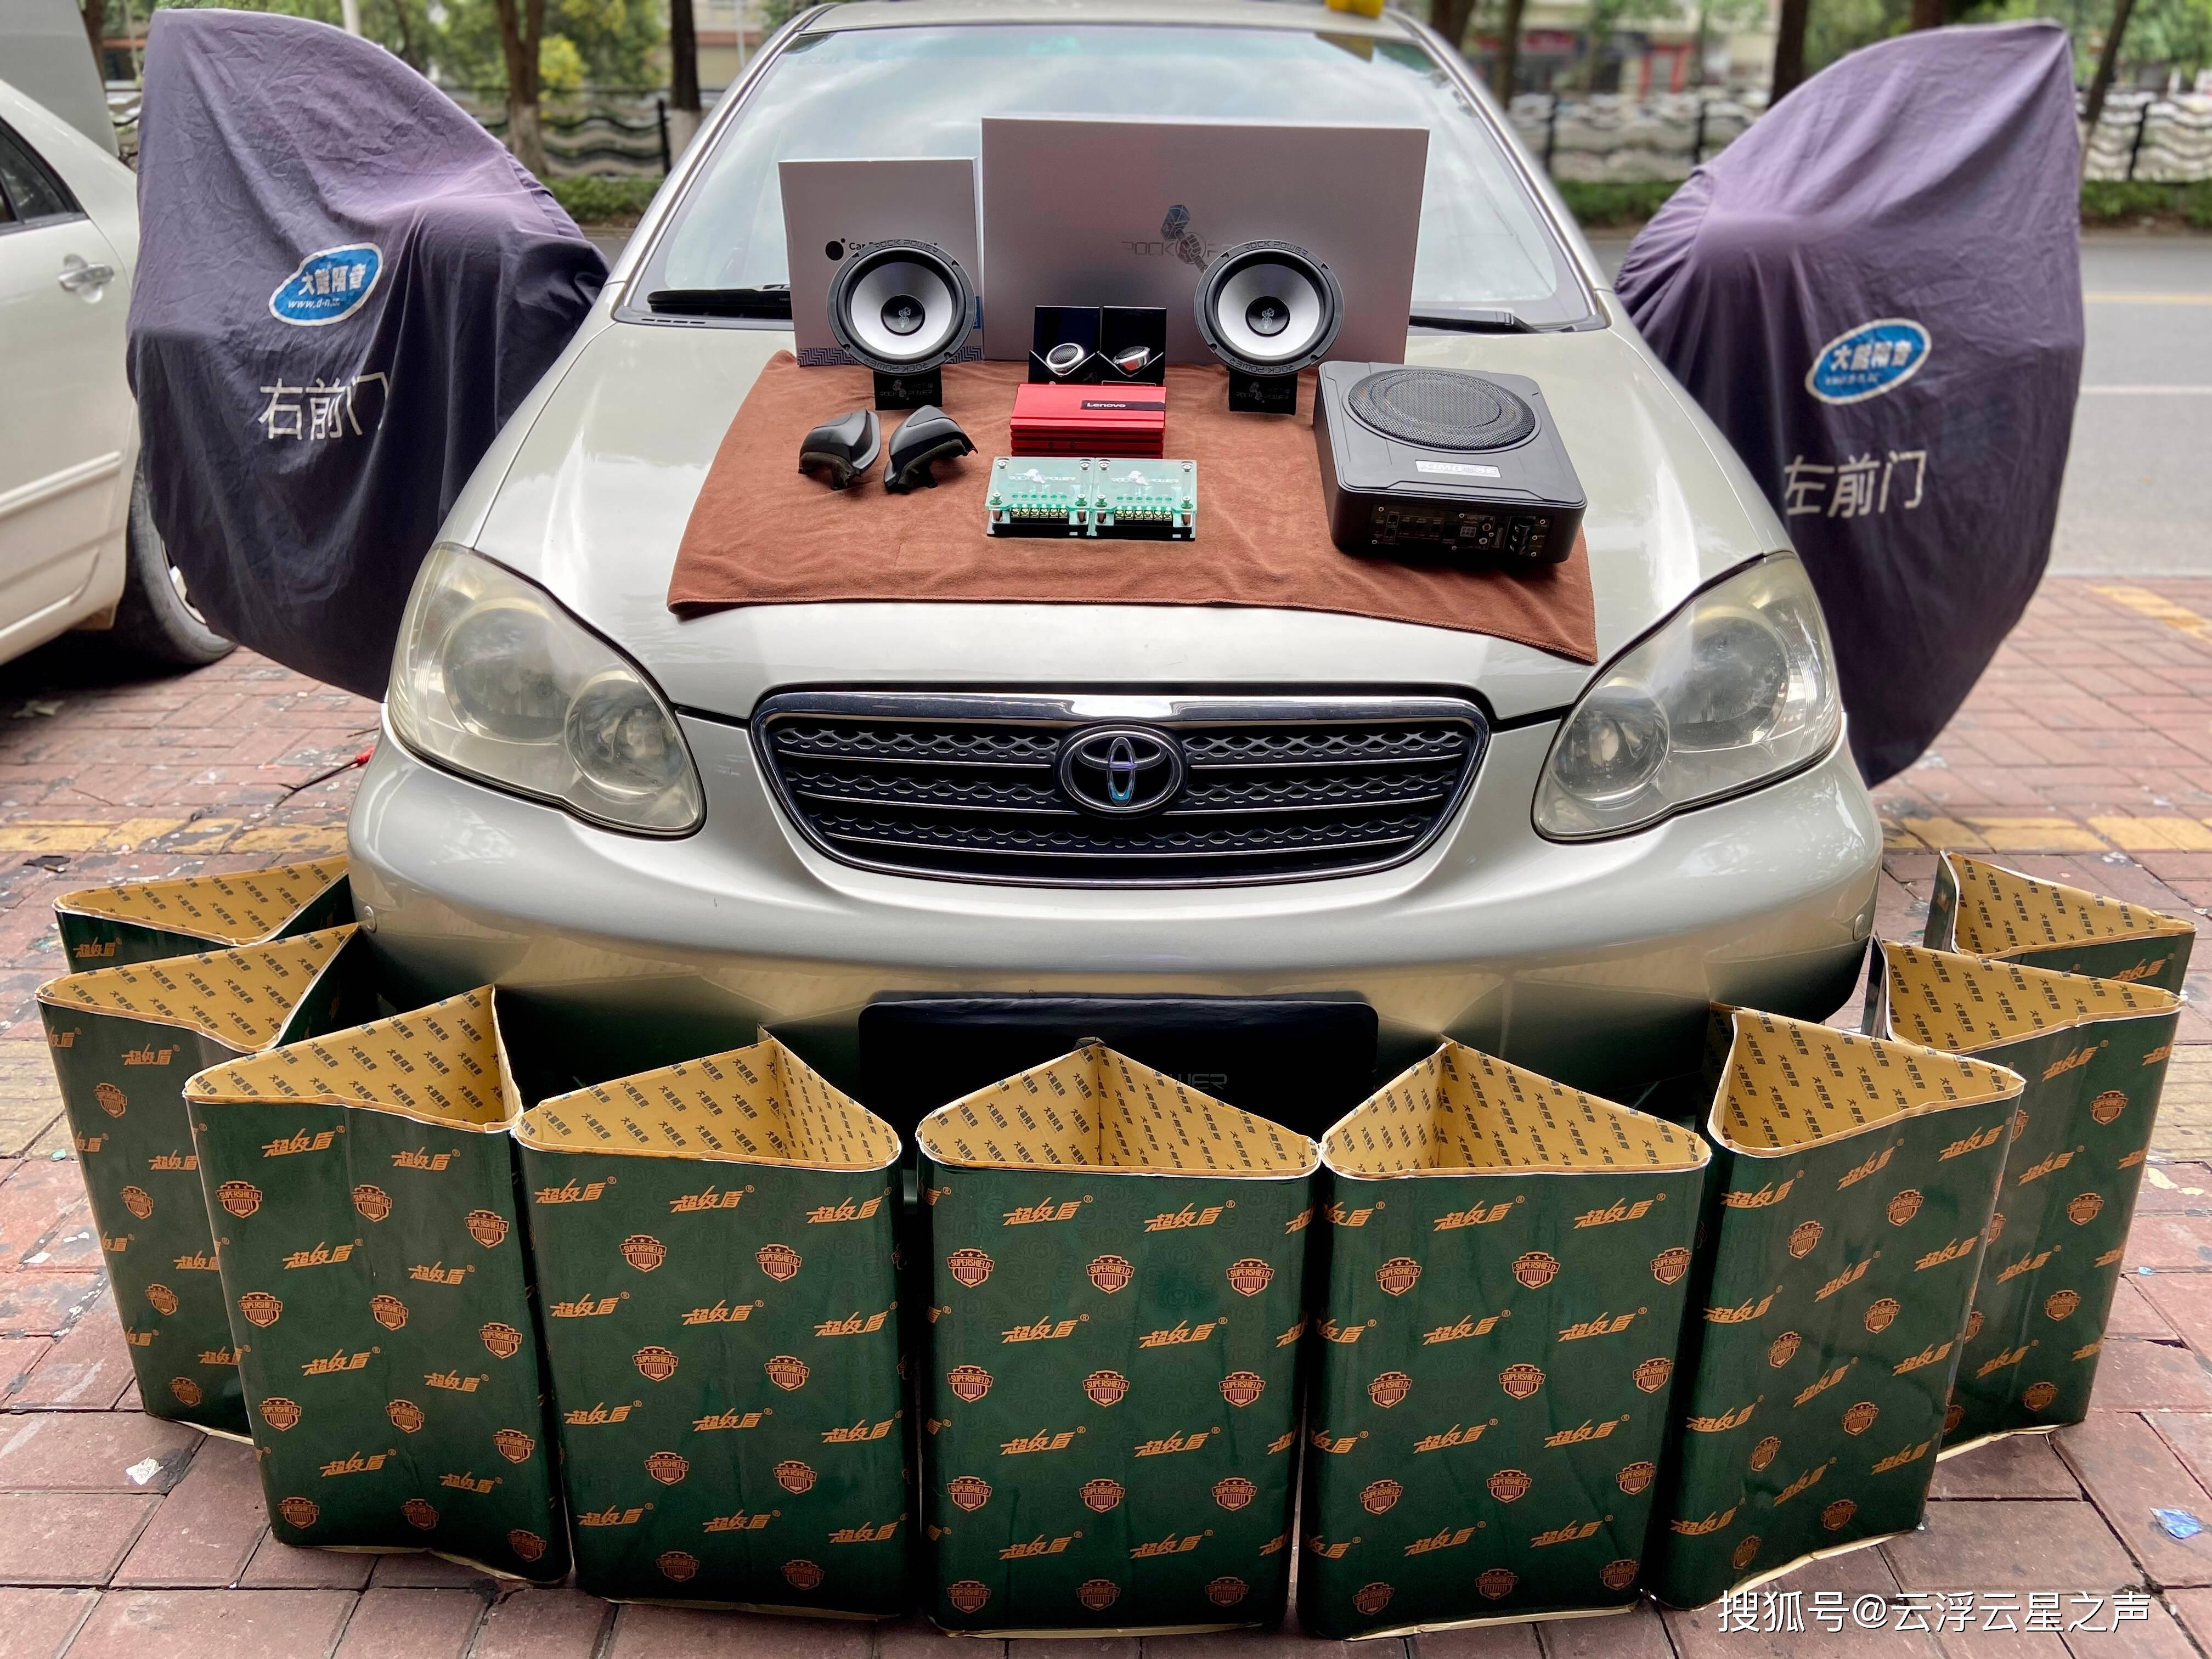 丰田卡罗拉简单改装洛克动力R650双频音质很好——云浮云星车载音响